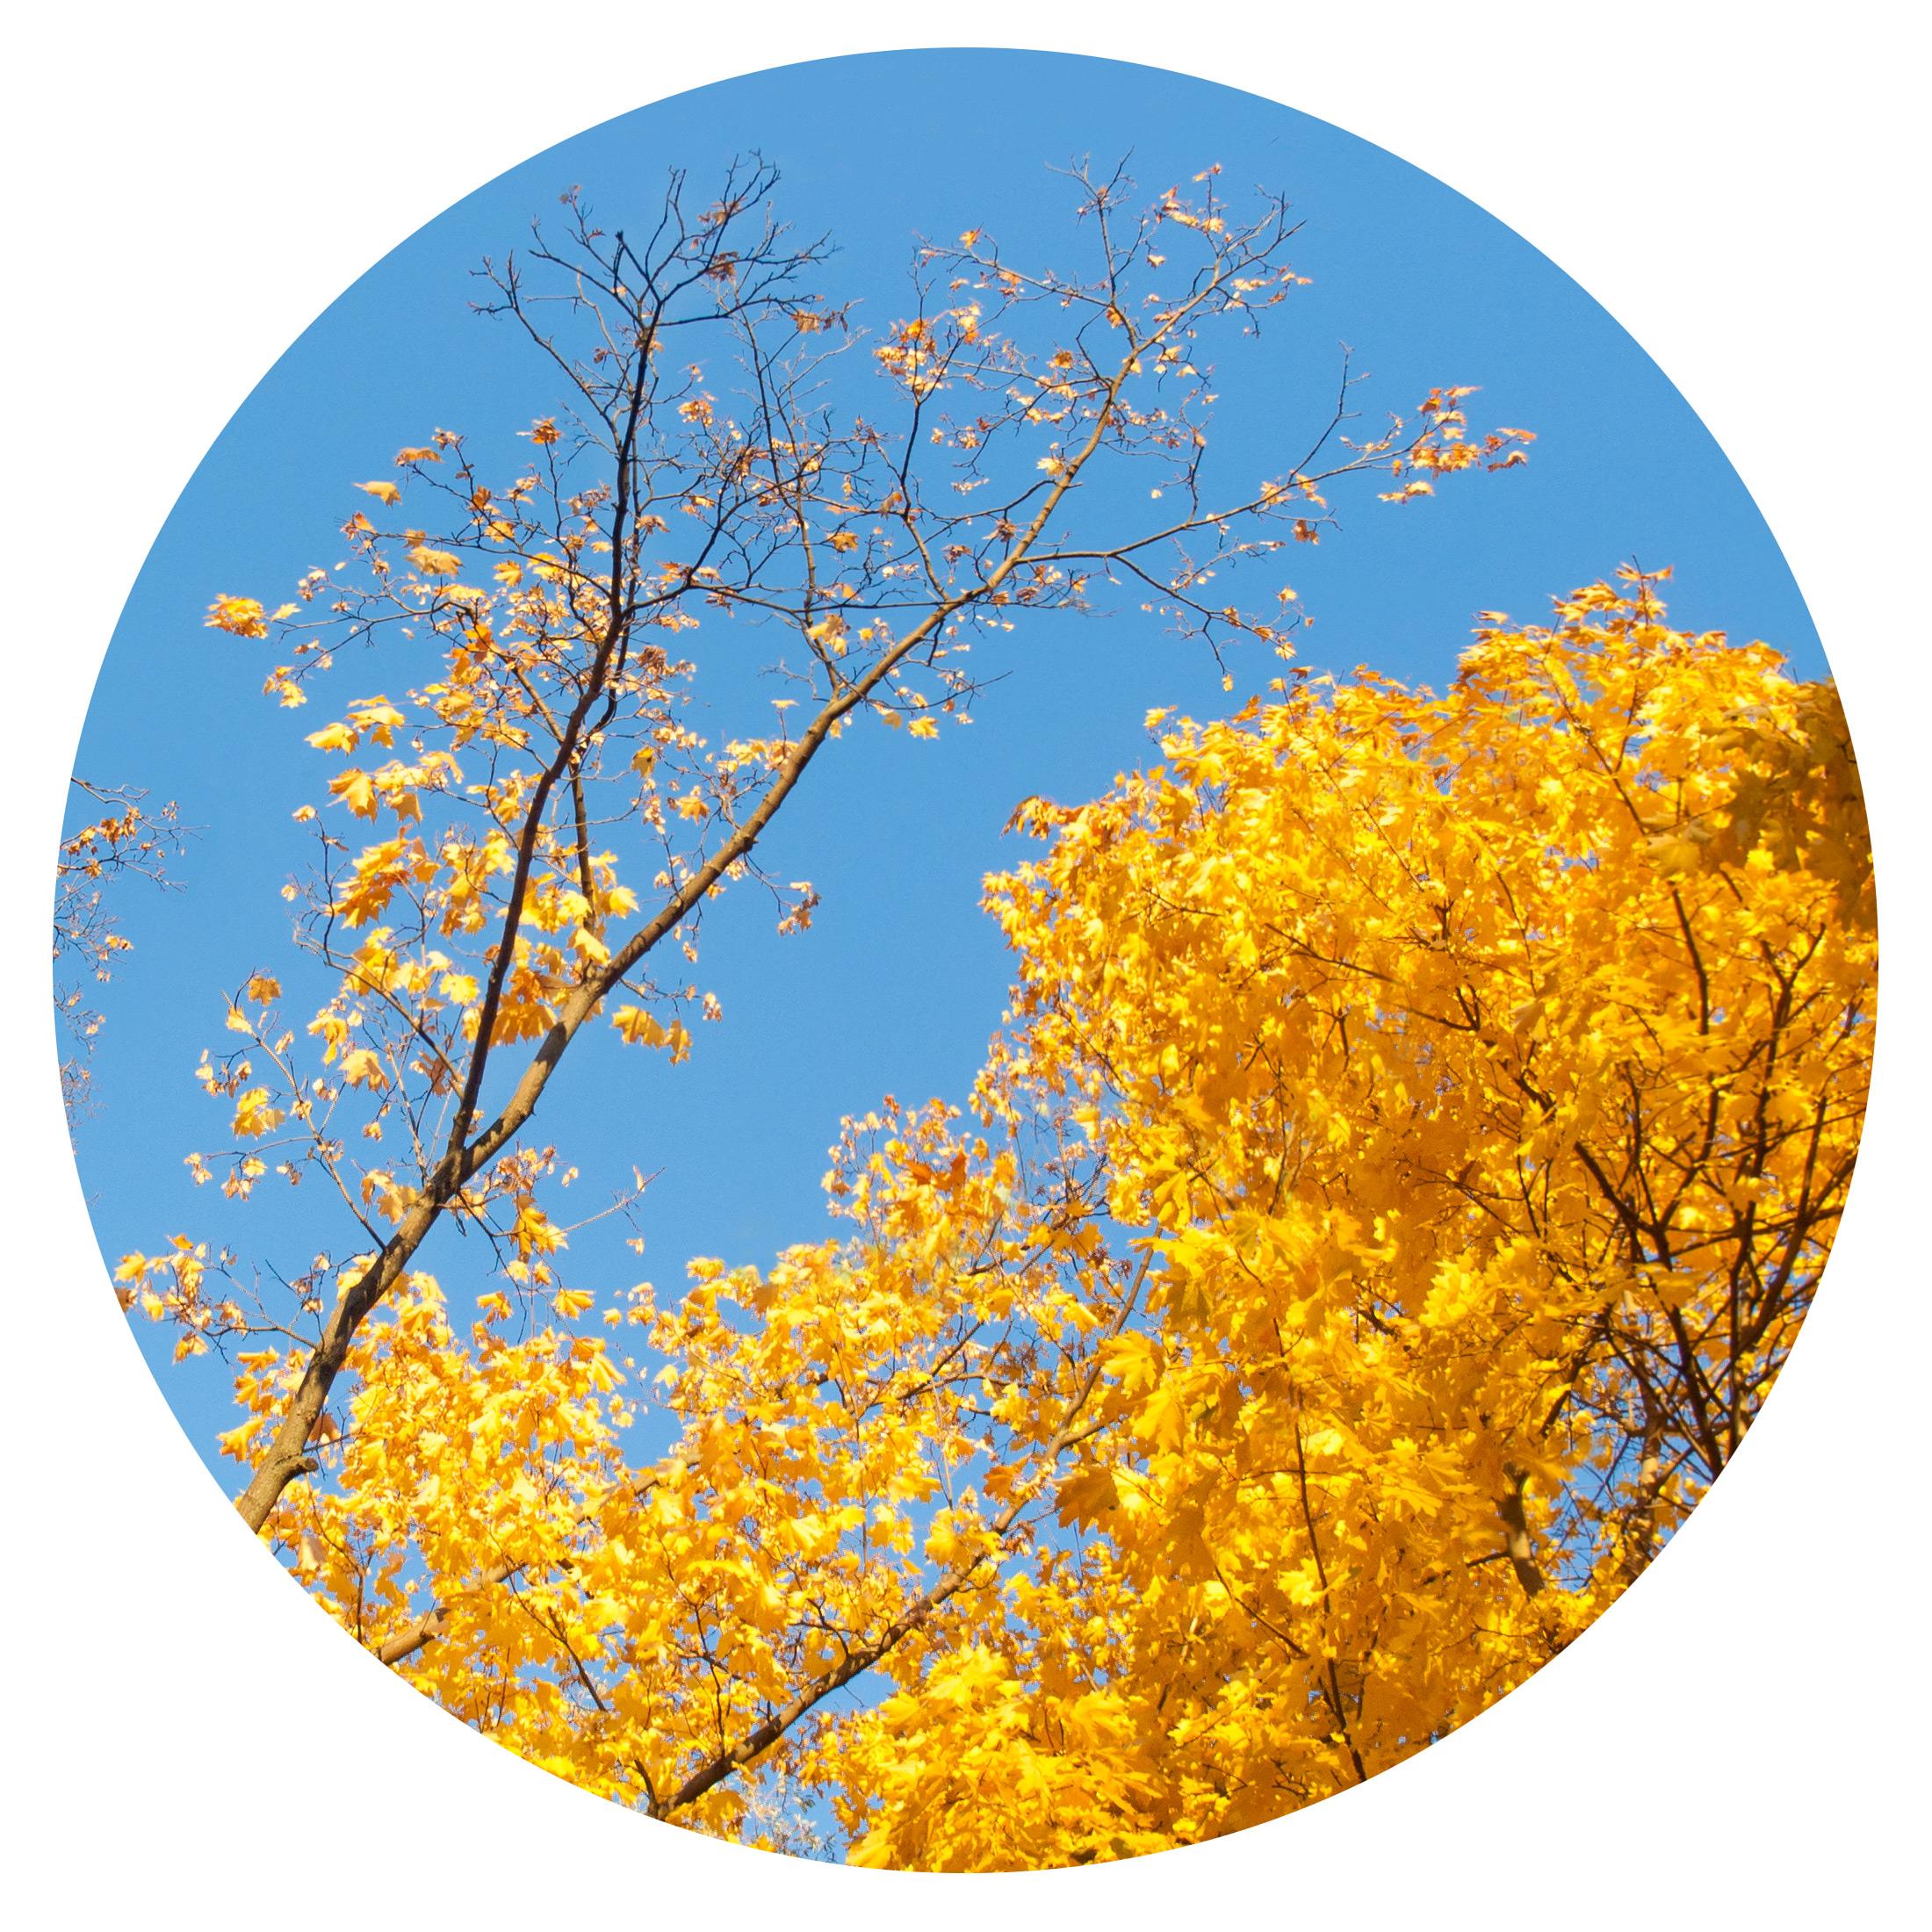 Осенний инь-ян / Autumn Yin Yang